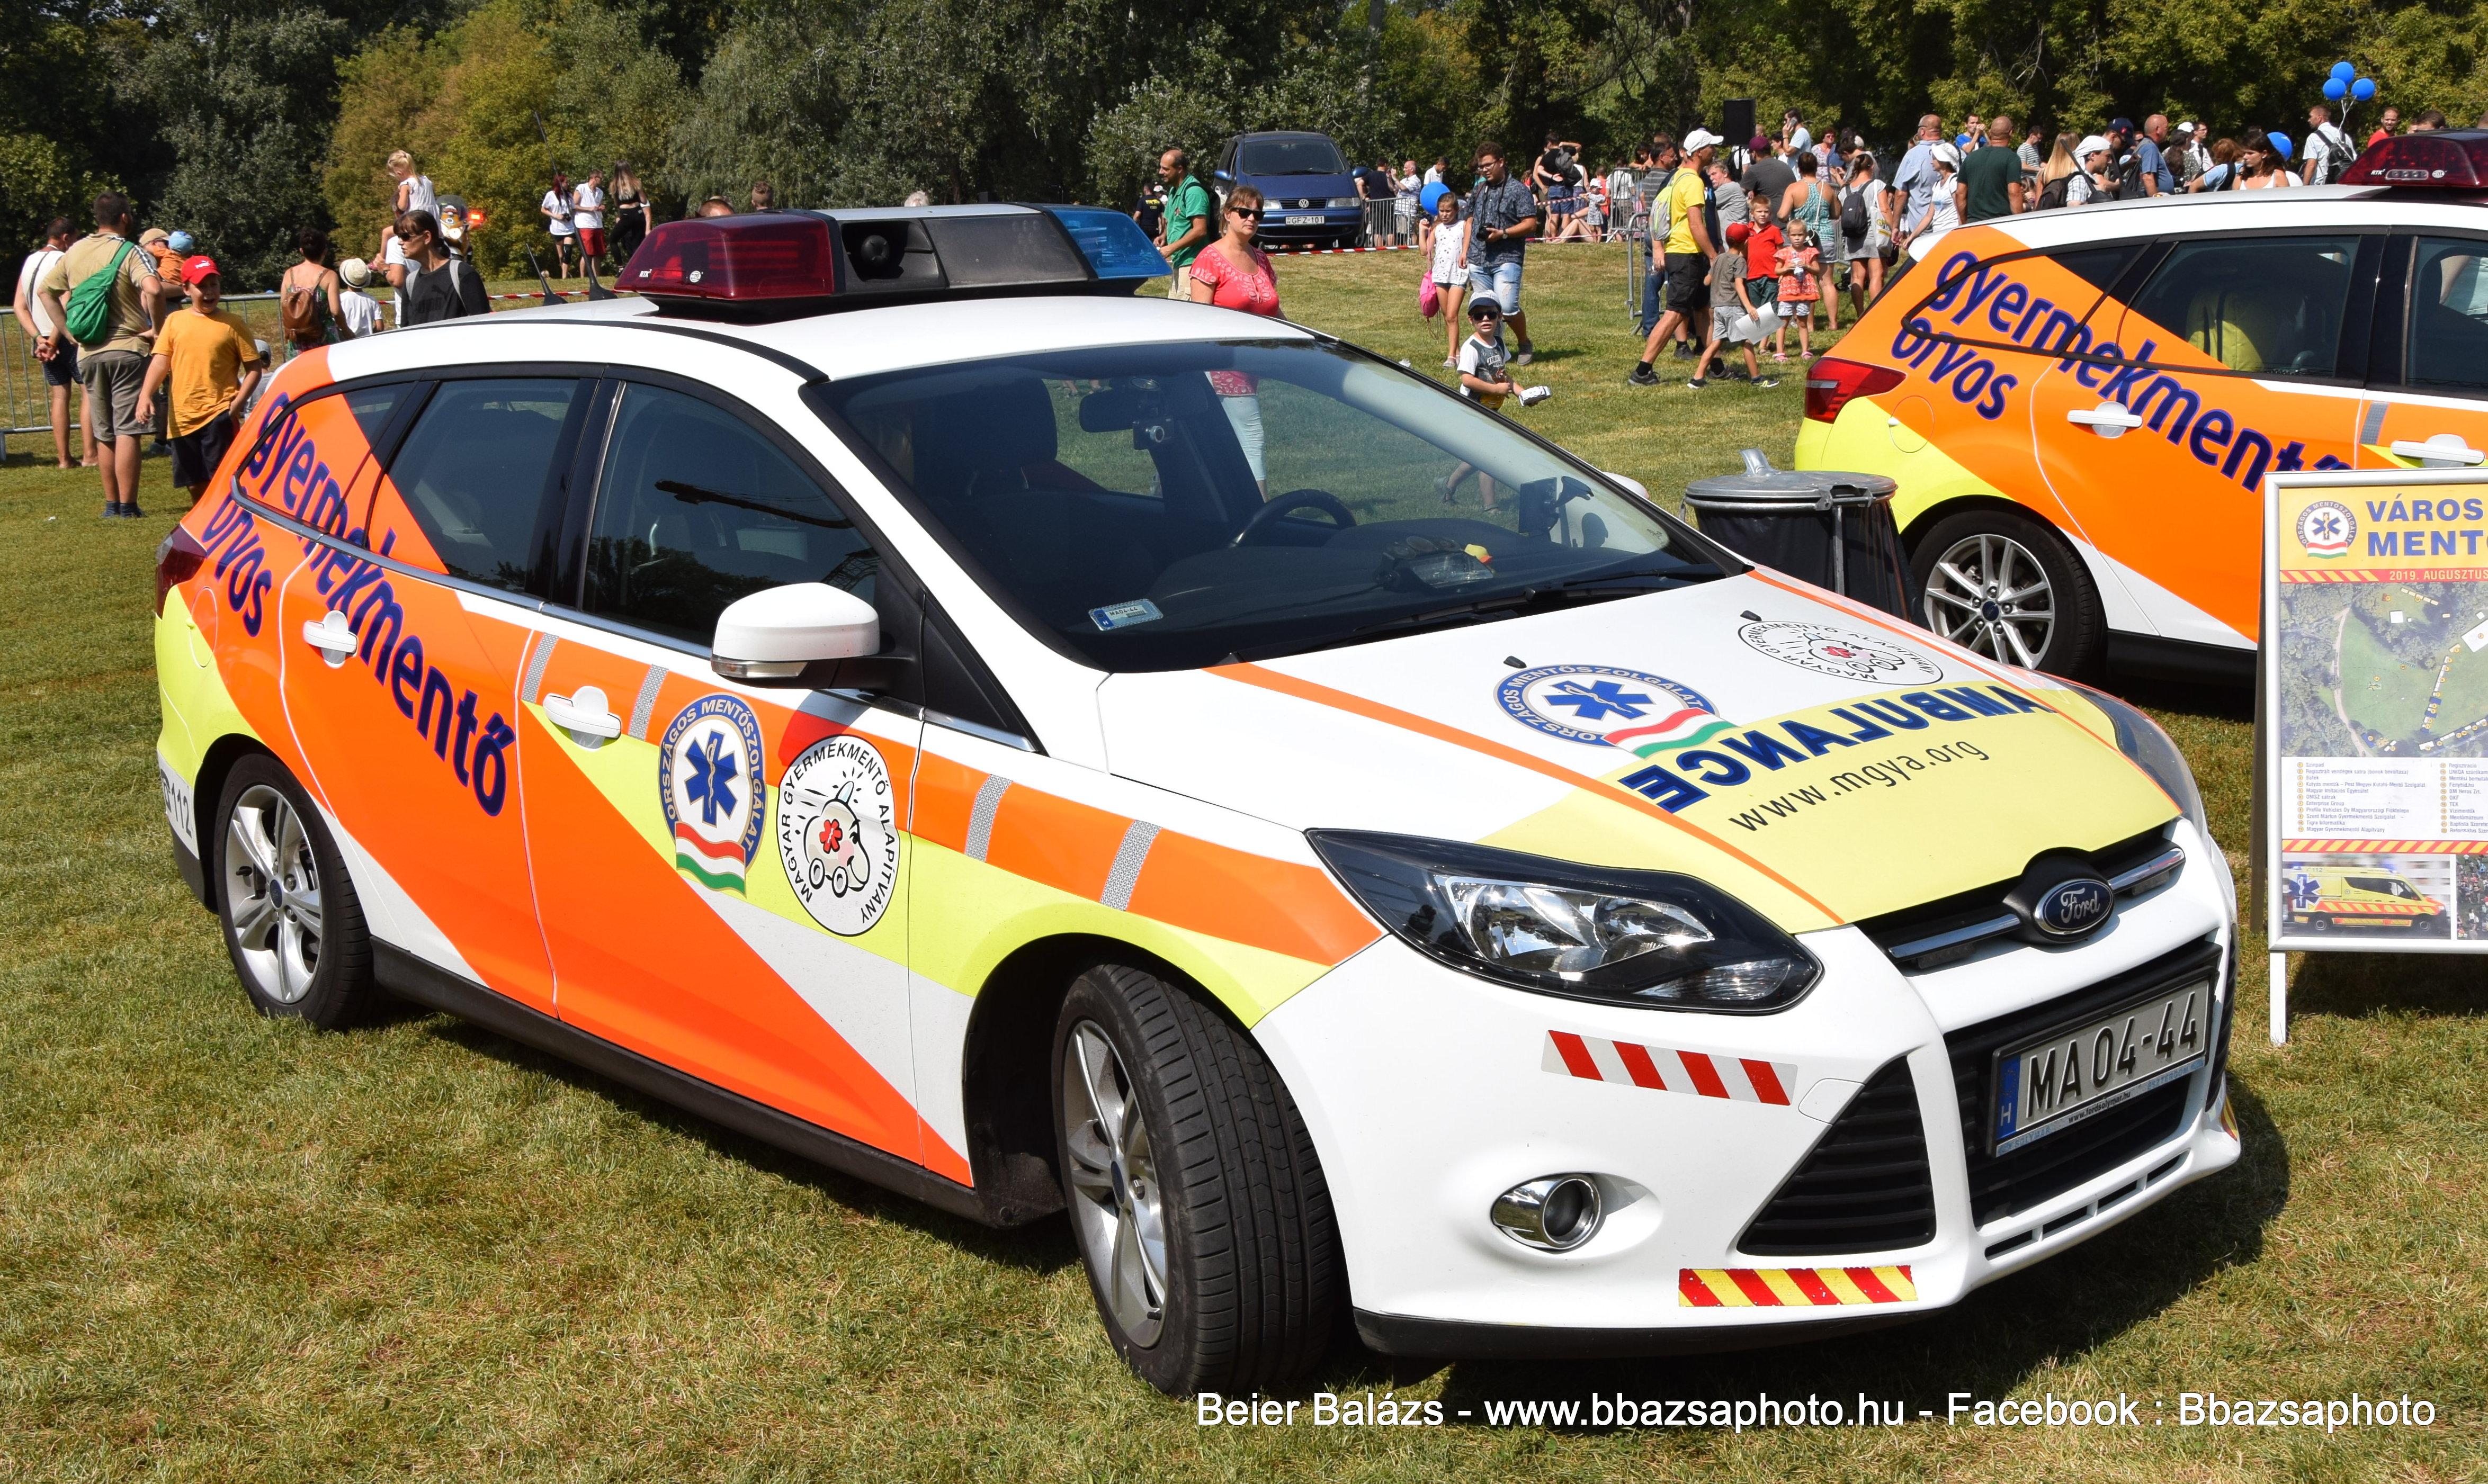 Ford Focus – Magyar Gyermekmentő alapítvány MA04-44